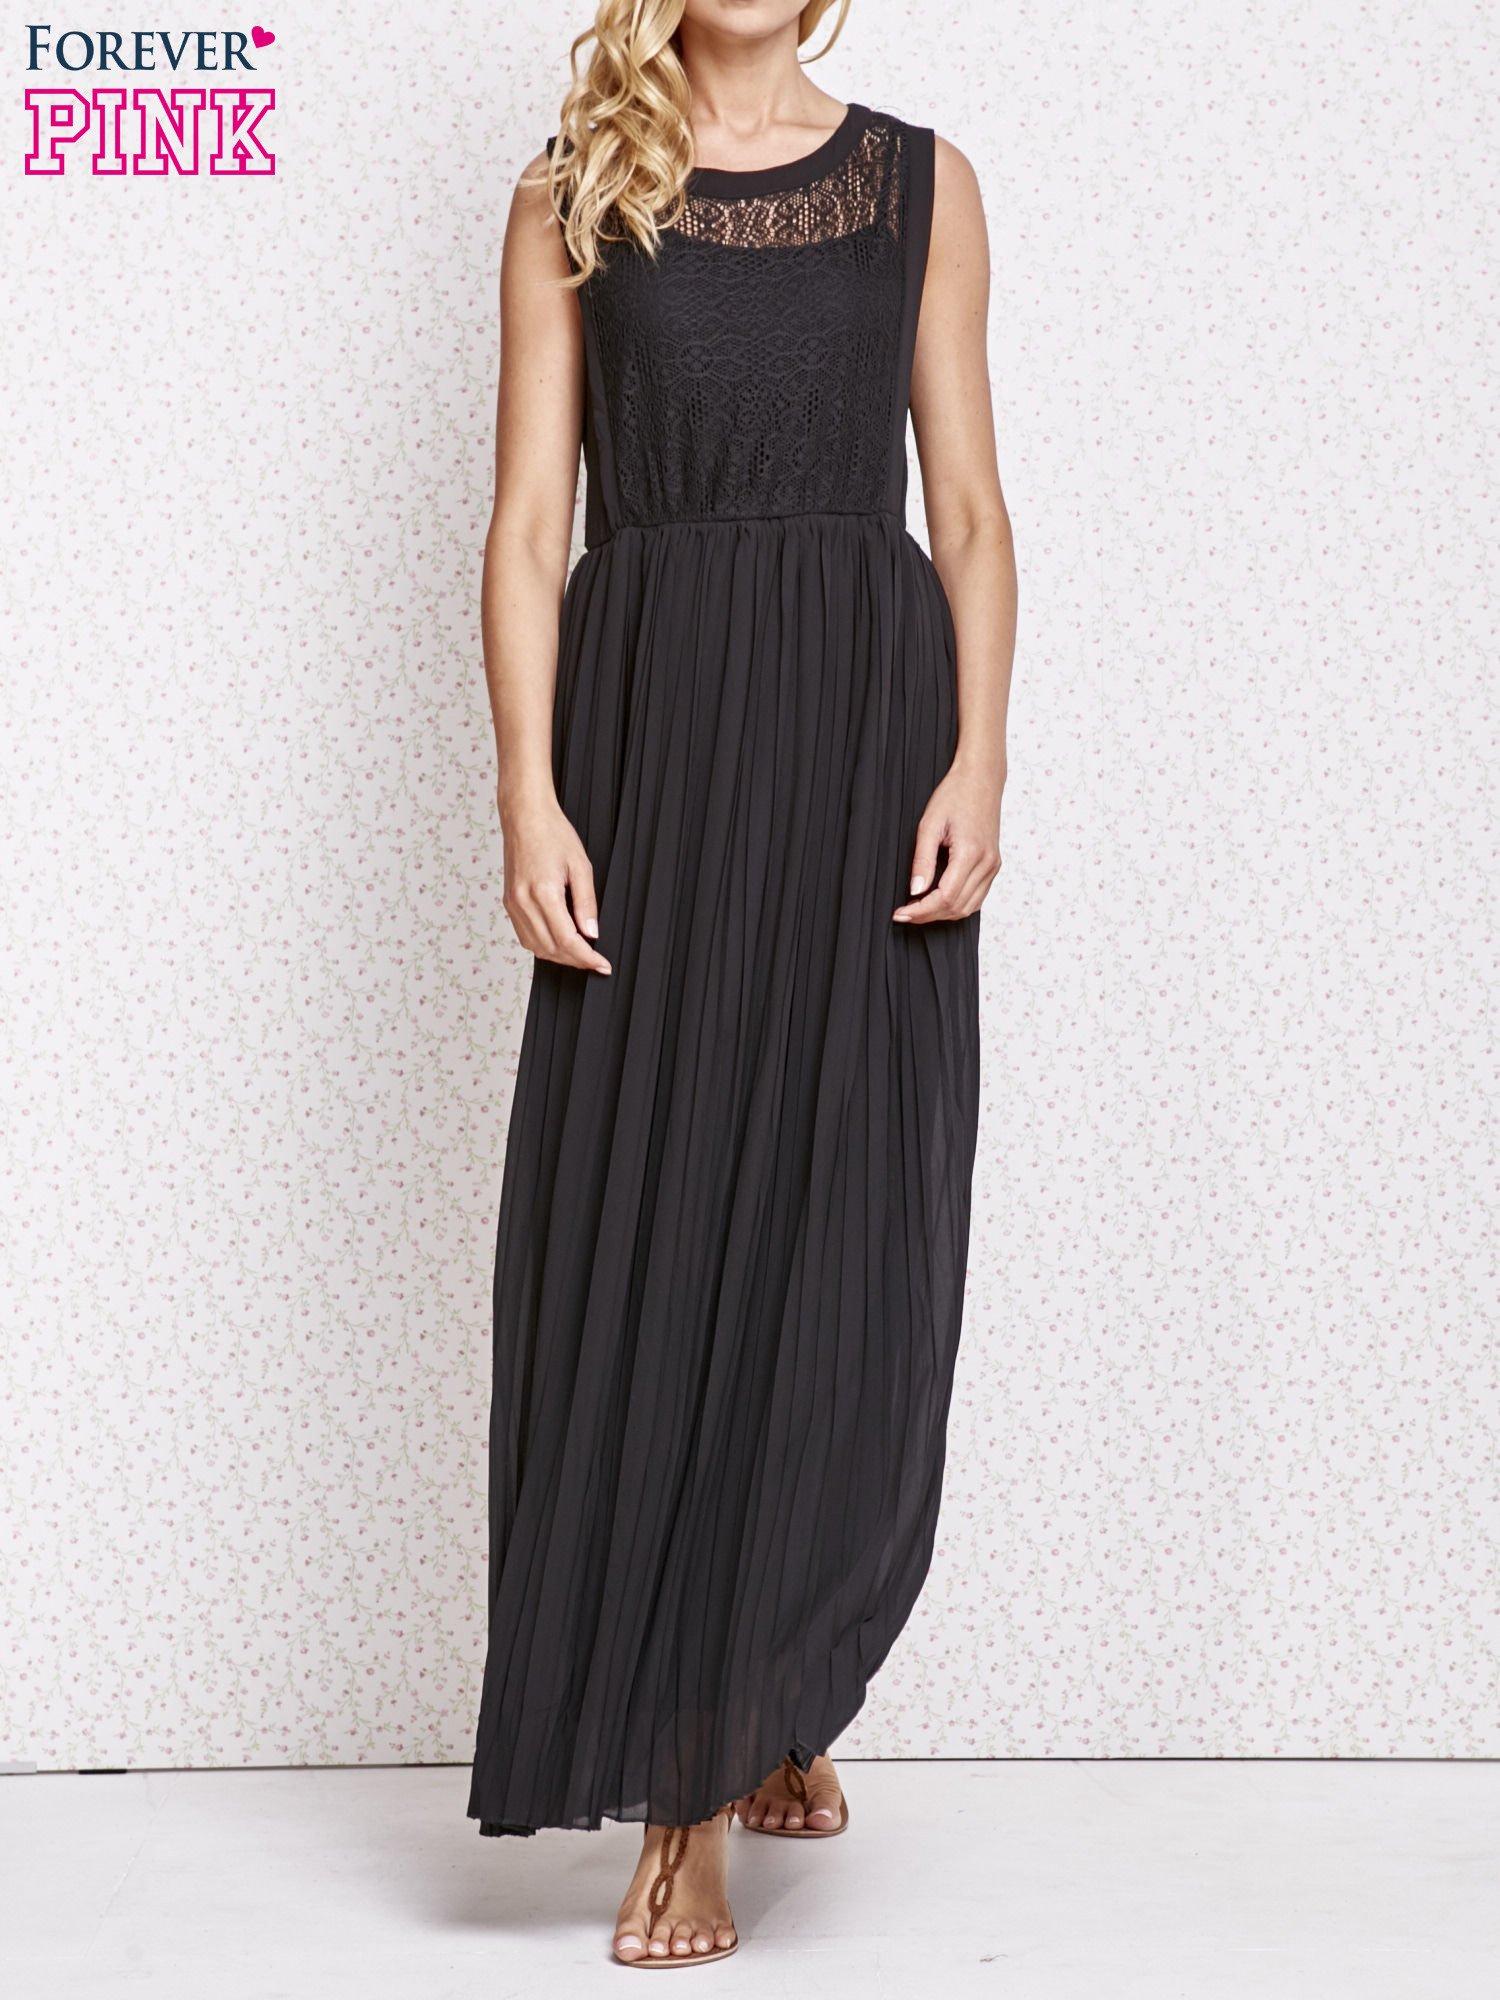 Czarna sukienka maxi z koronkowym przodem                                  zdj.                                  1